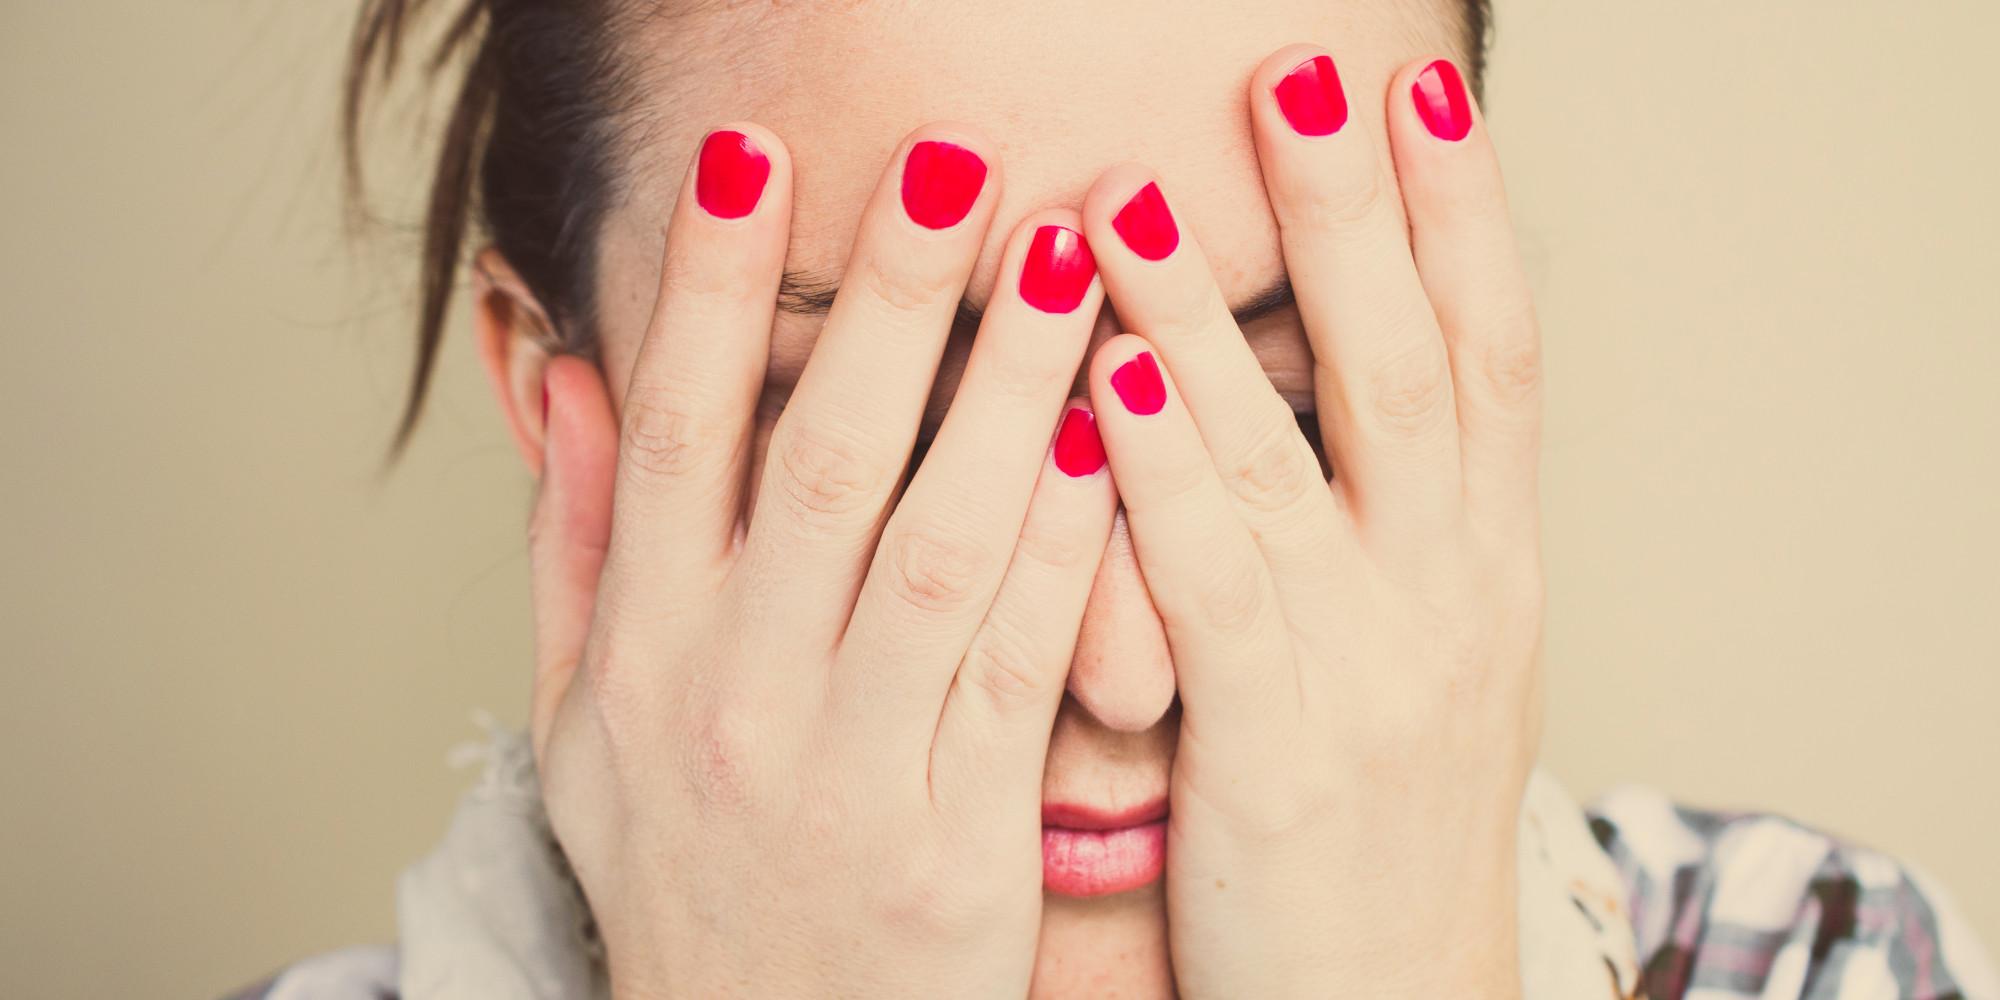 4 Consigli della Psicologa per Imparare a Gestire lo Stress